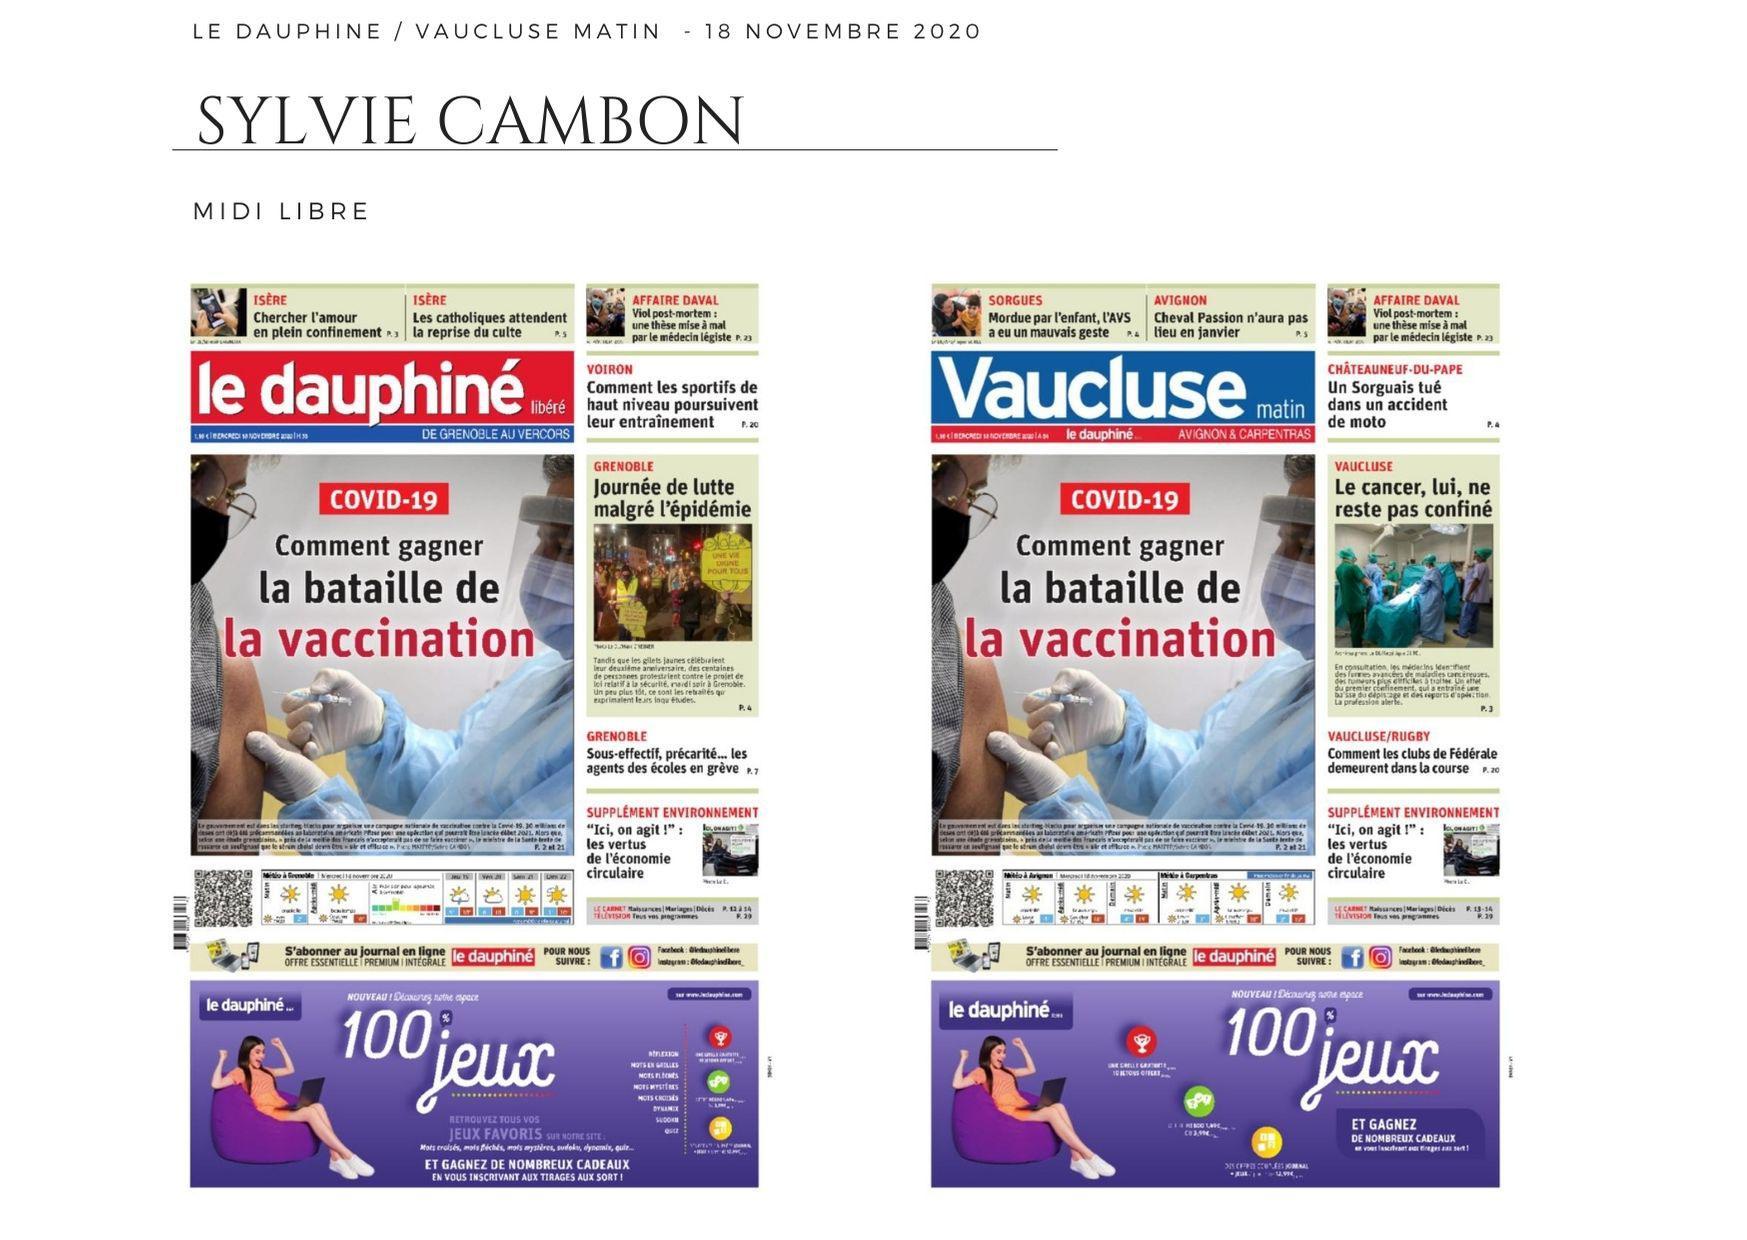 Le Dauphiné - Vaucluse Matin - 18 novembre 2020